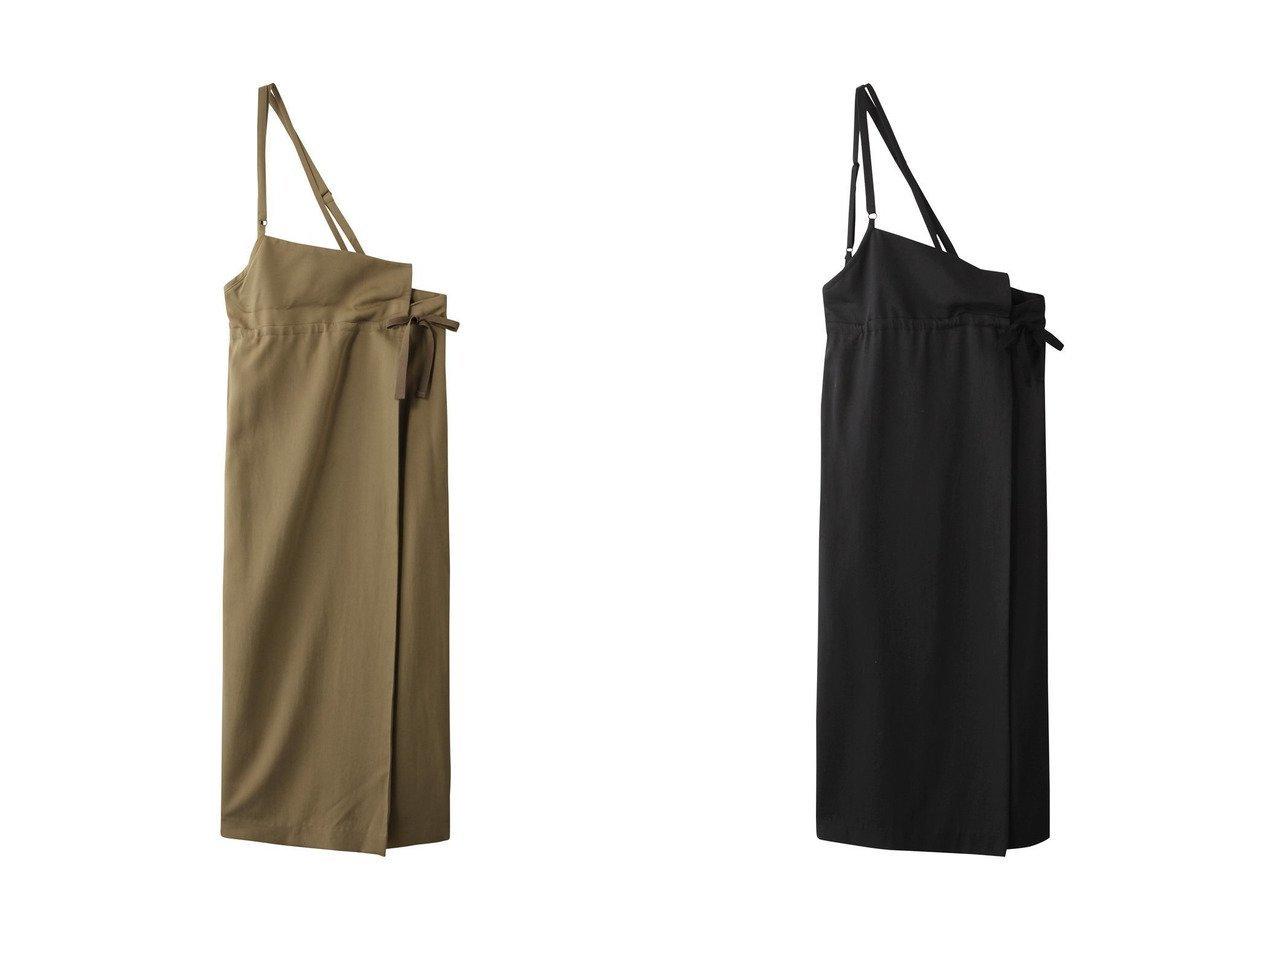 【WRINN/リン】のJUMPER SKIRT 【スカート】おすすめ!人気、トレンド・レディースファッションの通販 おすすめで人気の流行・トレンド、ファッションの通販商品 インテリア・家具・メンズファッション・キッズファッション・レディースファッション・服の通販 founy(ファニー) https://founy.com/ ファッション Fashion レディースファッション WOMEN スカート Skirt ロングスカート Long Skirt シンプル バランス マキシ ロング |ID:crp329100000072541